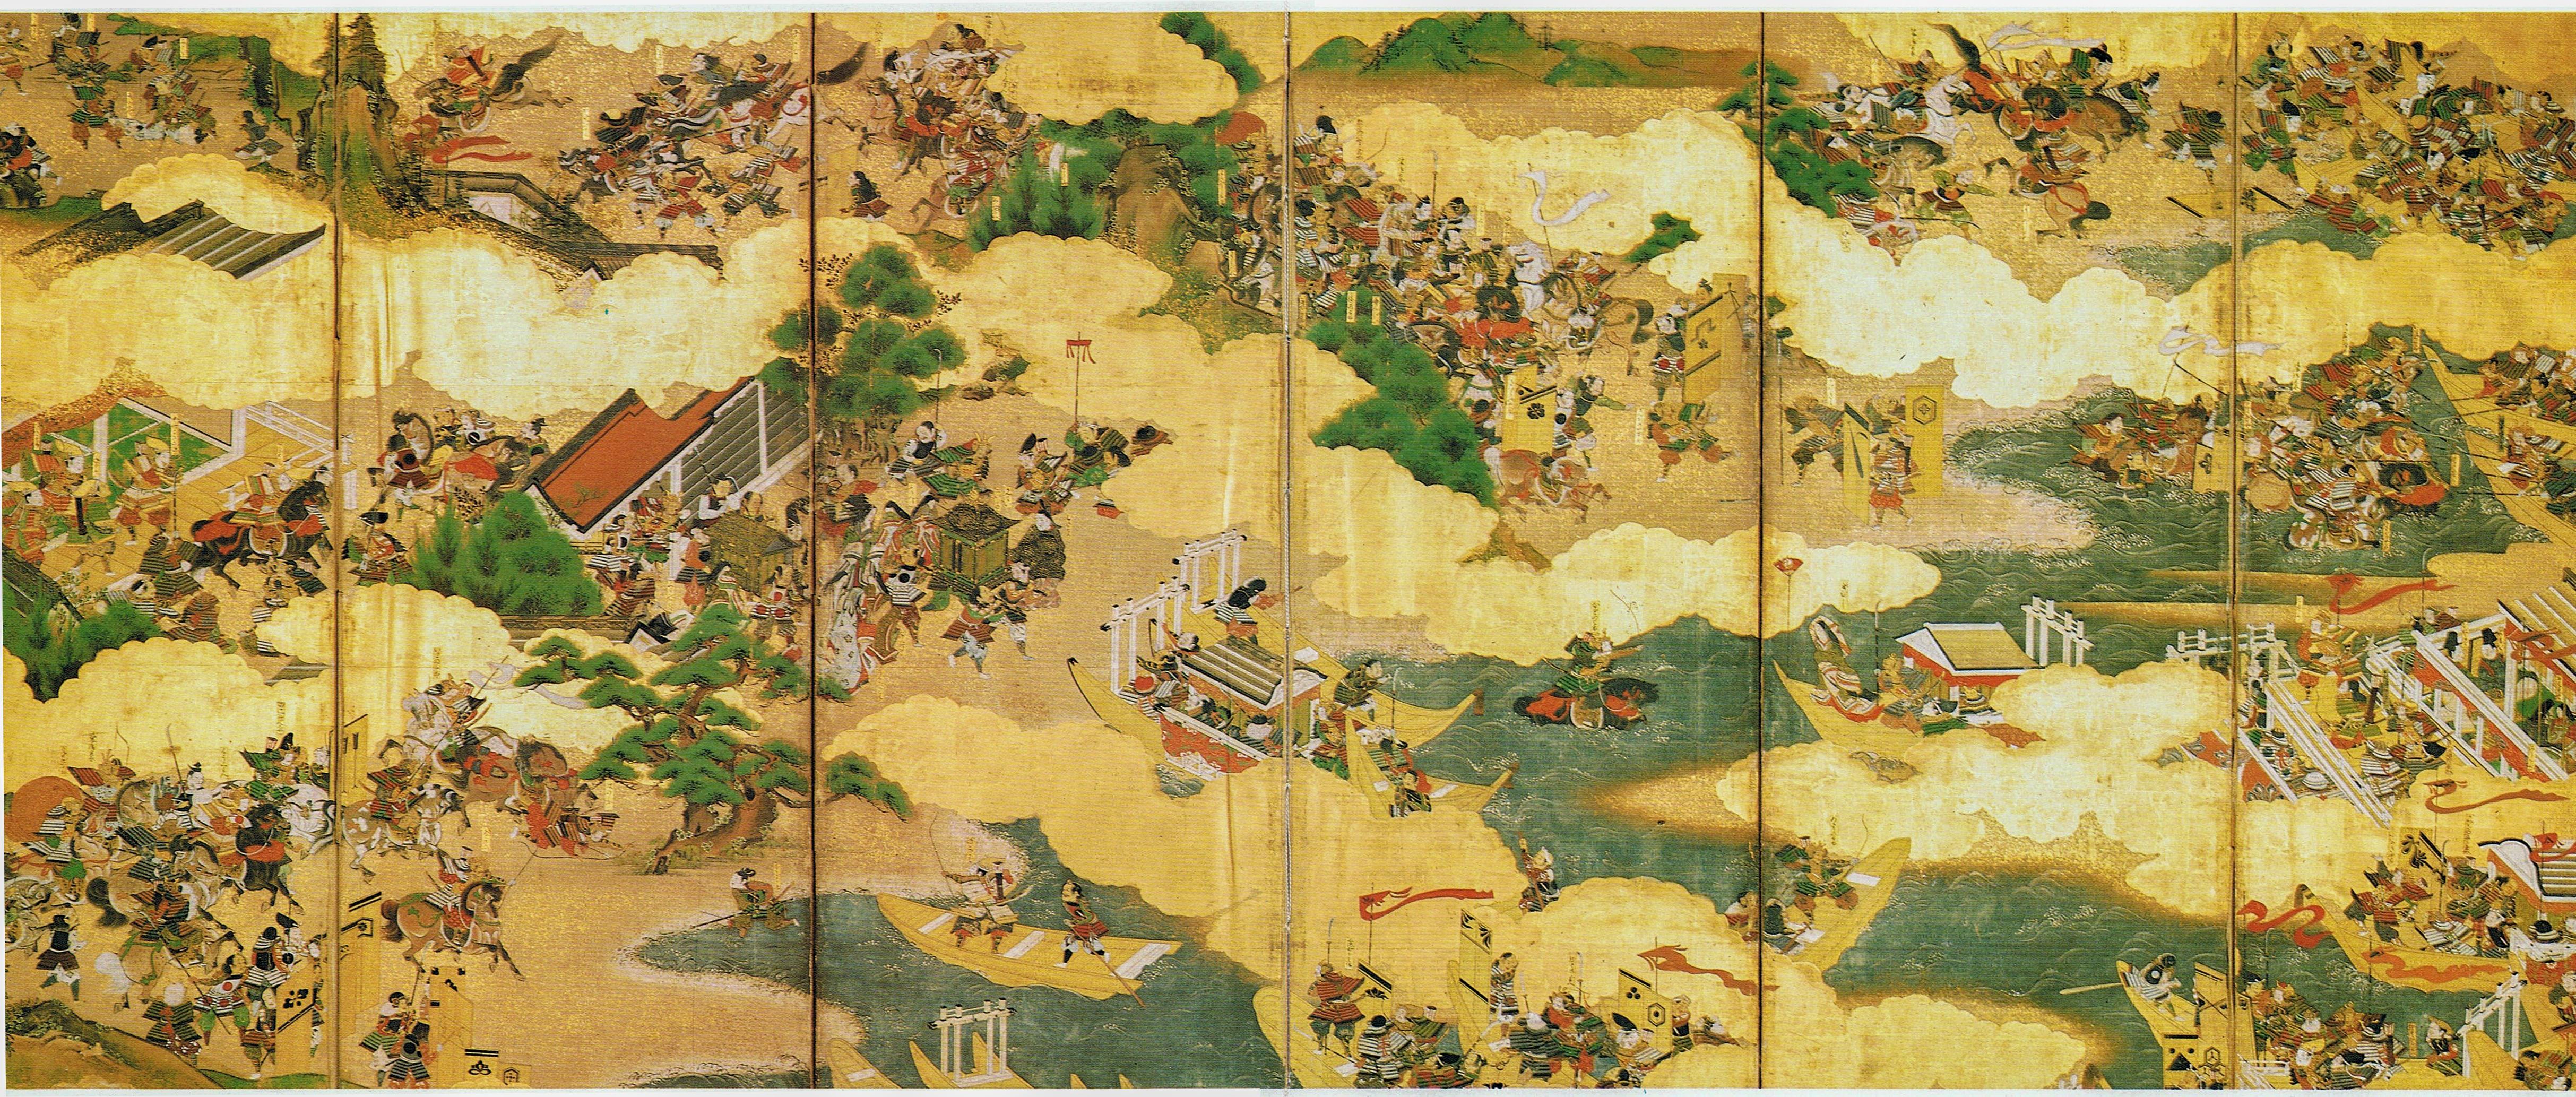 Genpei csata egy festményen